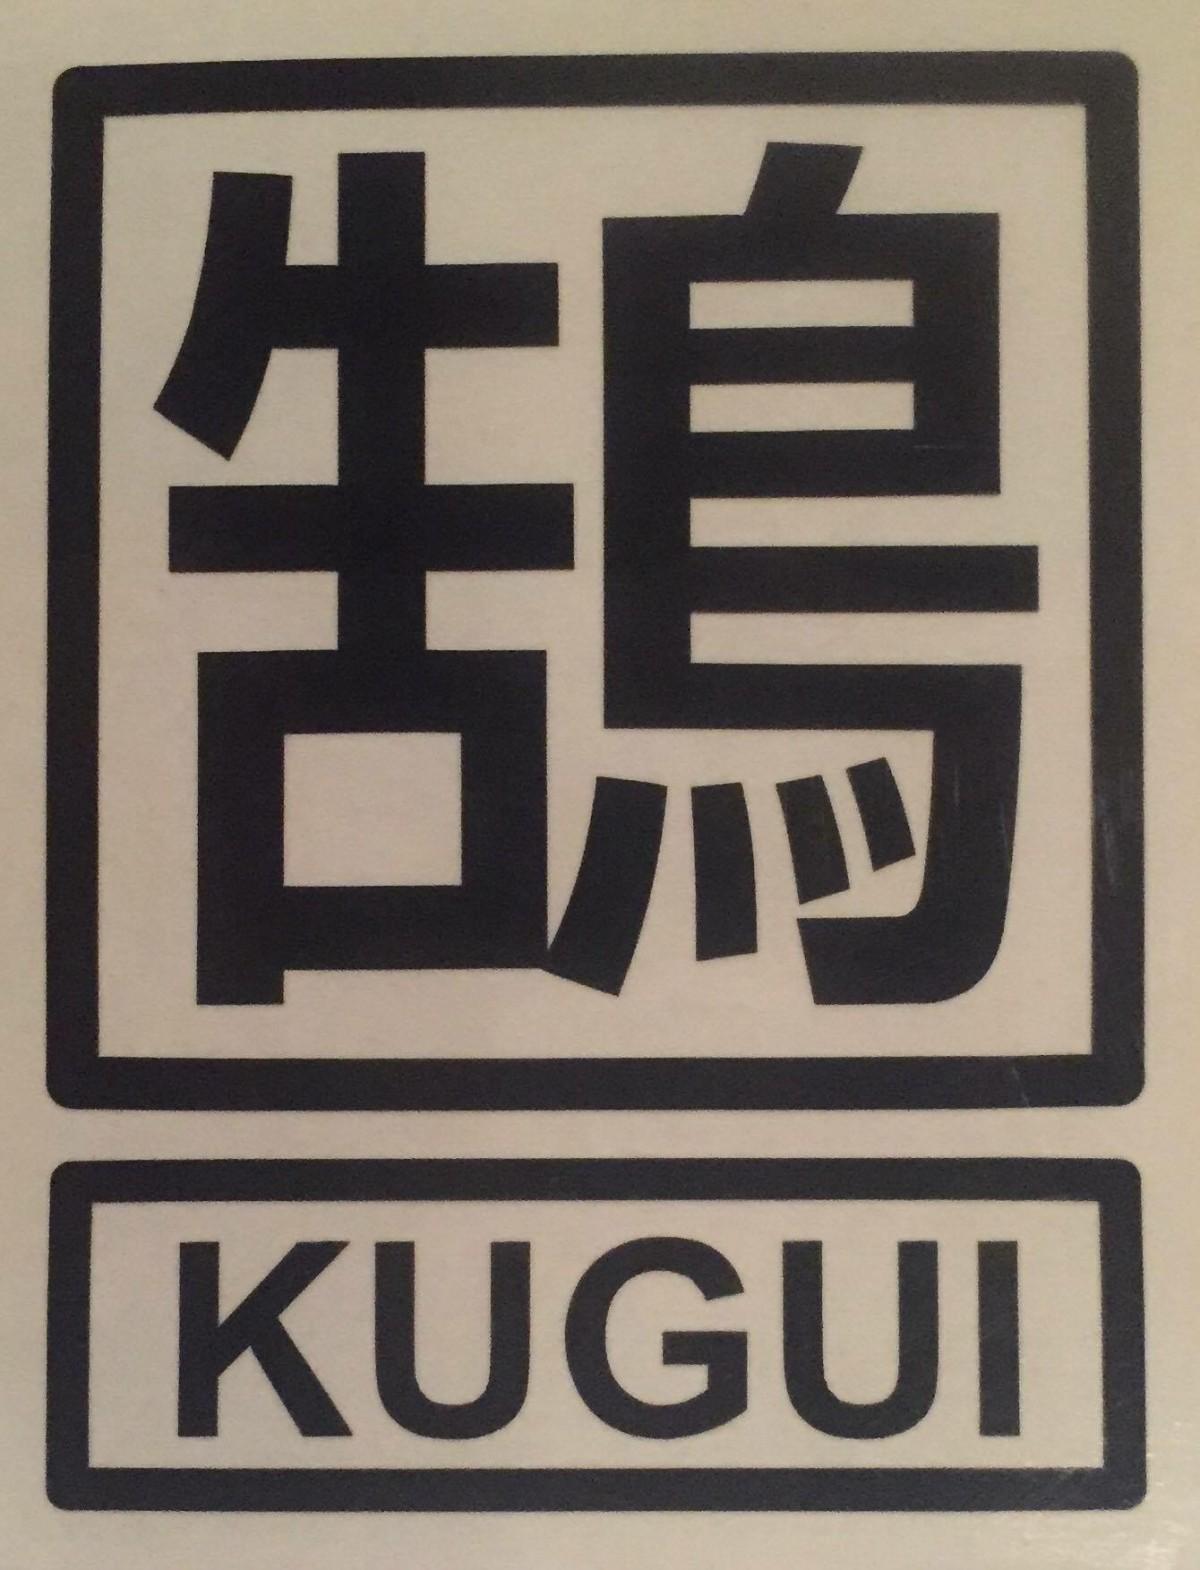 鵠 KUGUI